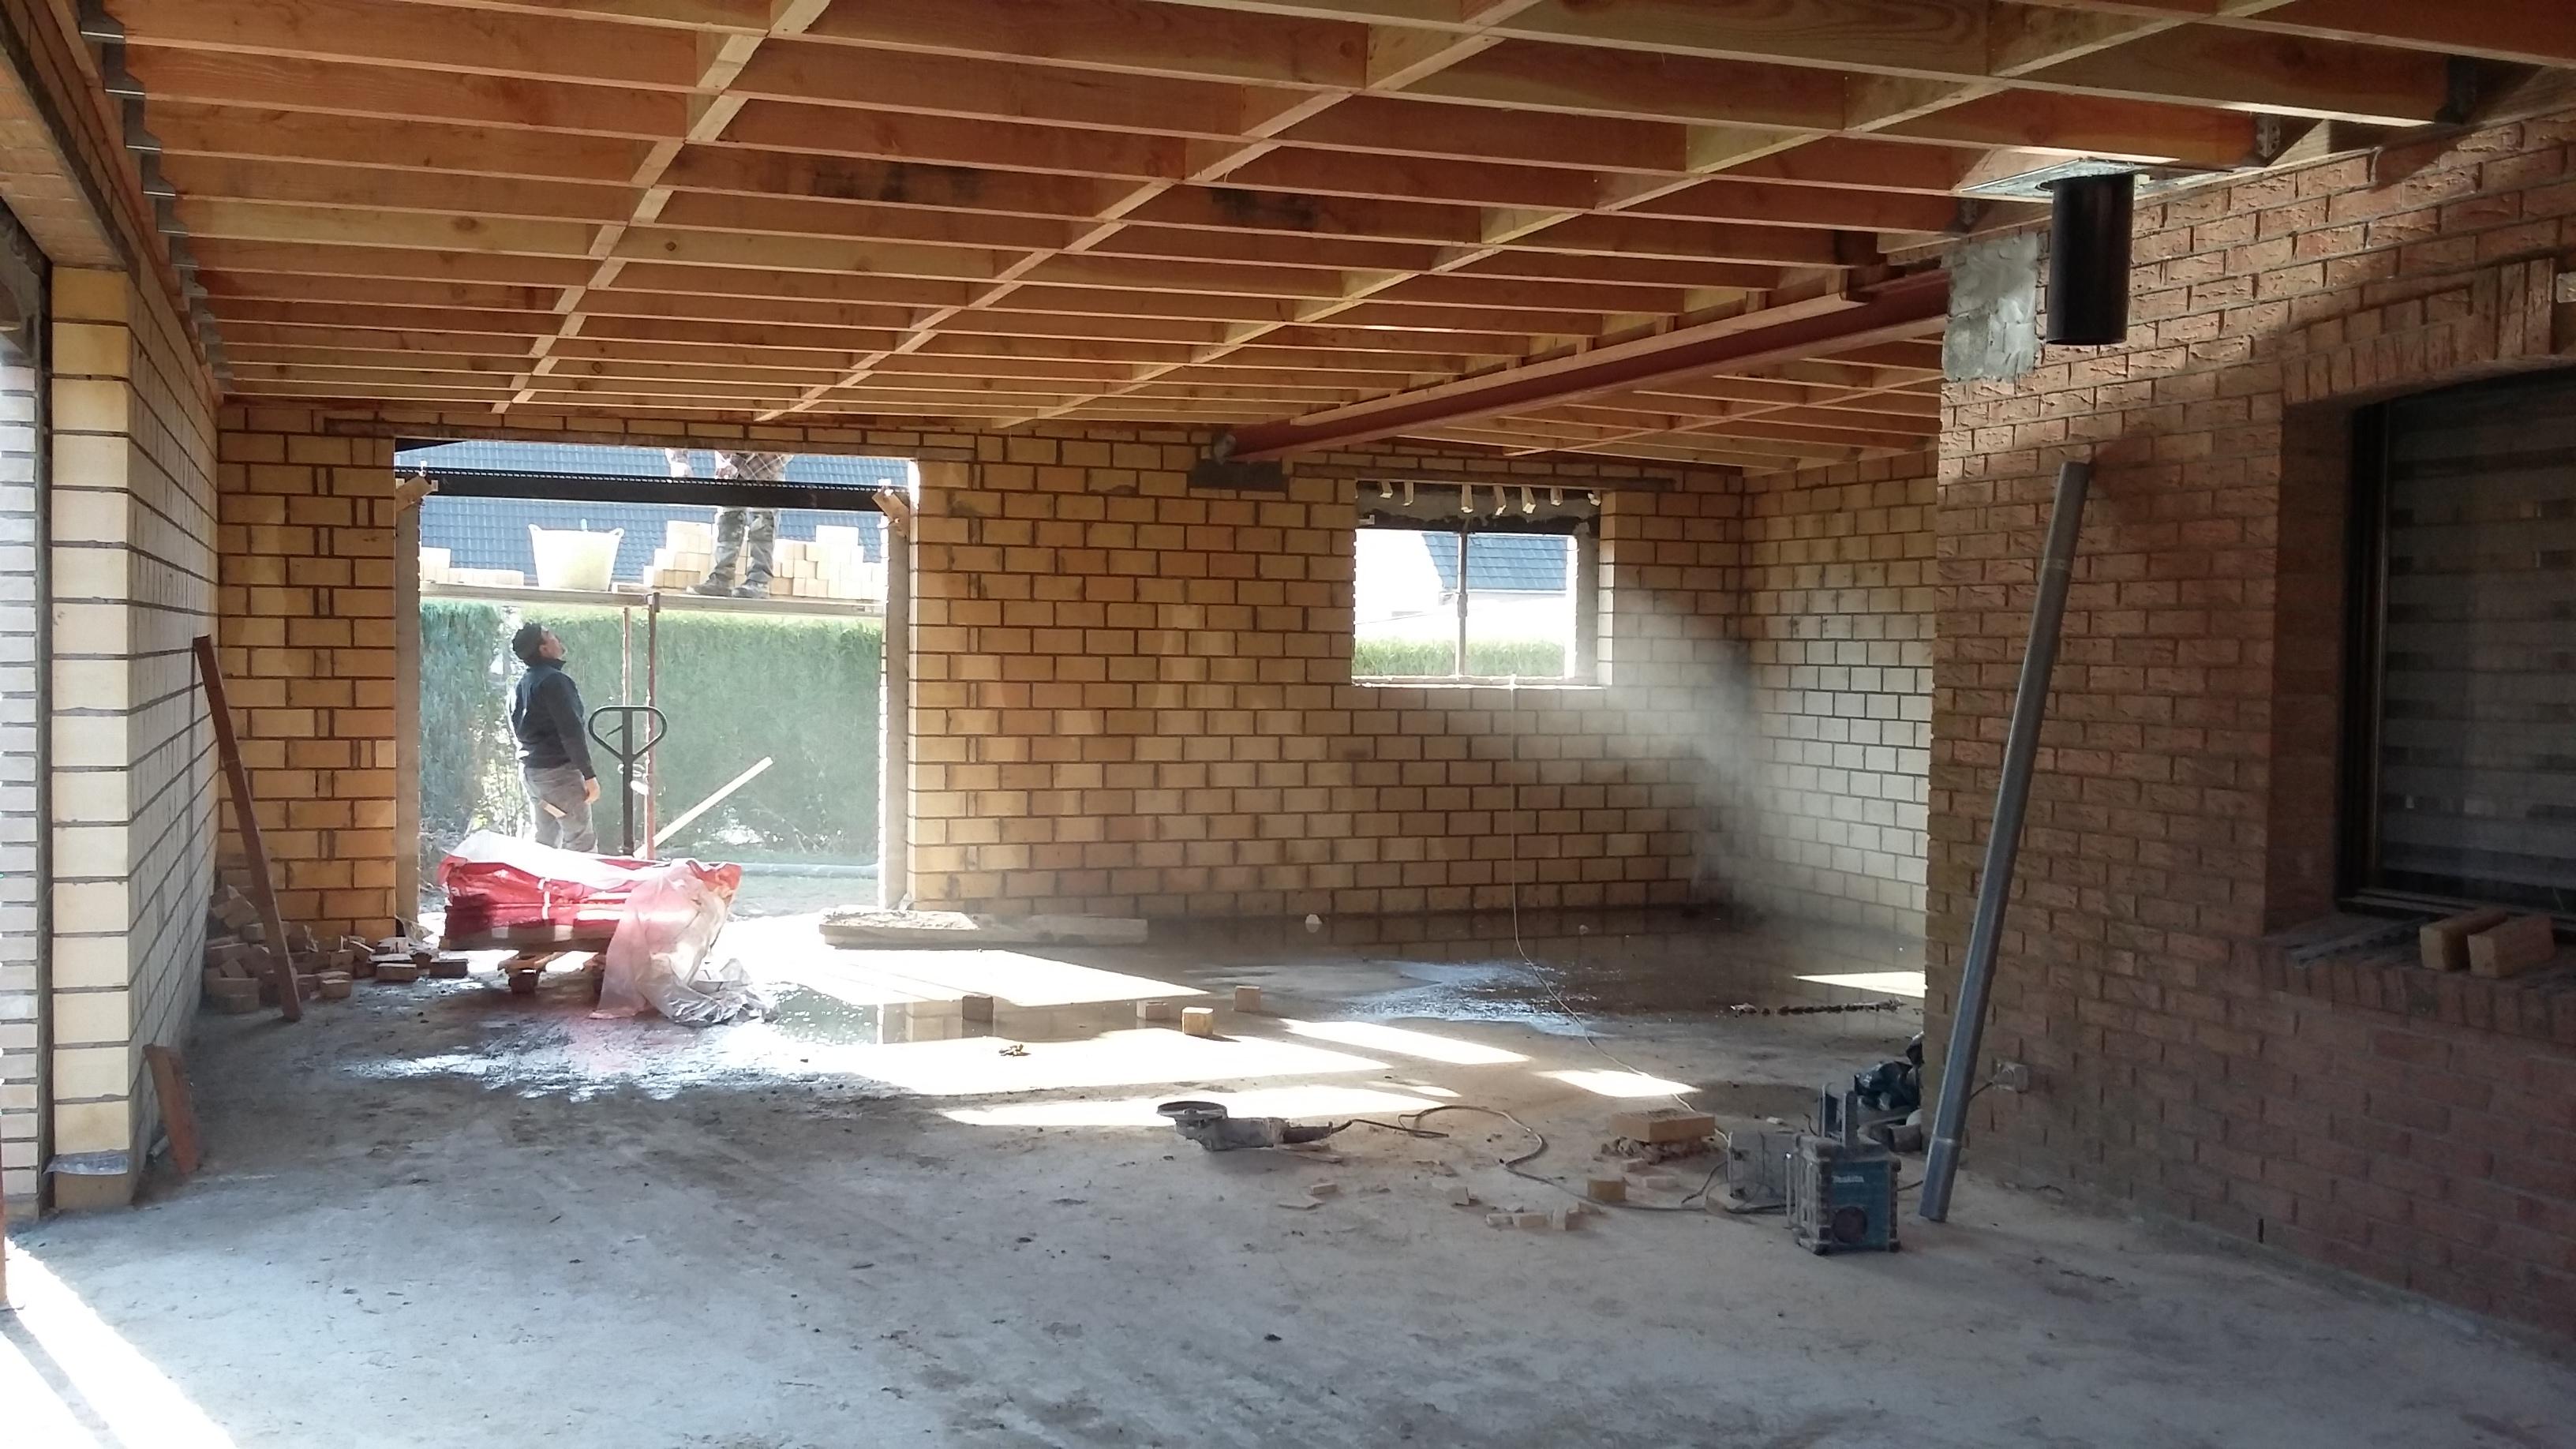 15.20 Atelier Permis de construire extension nord Sequedin42.1